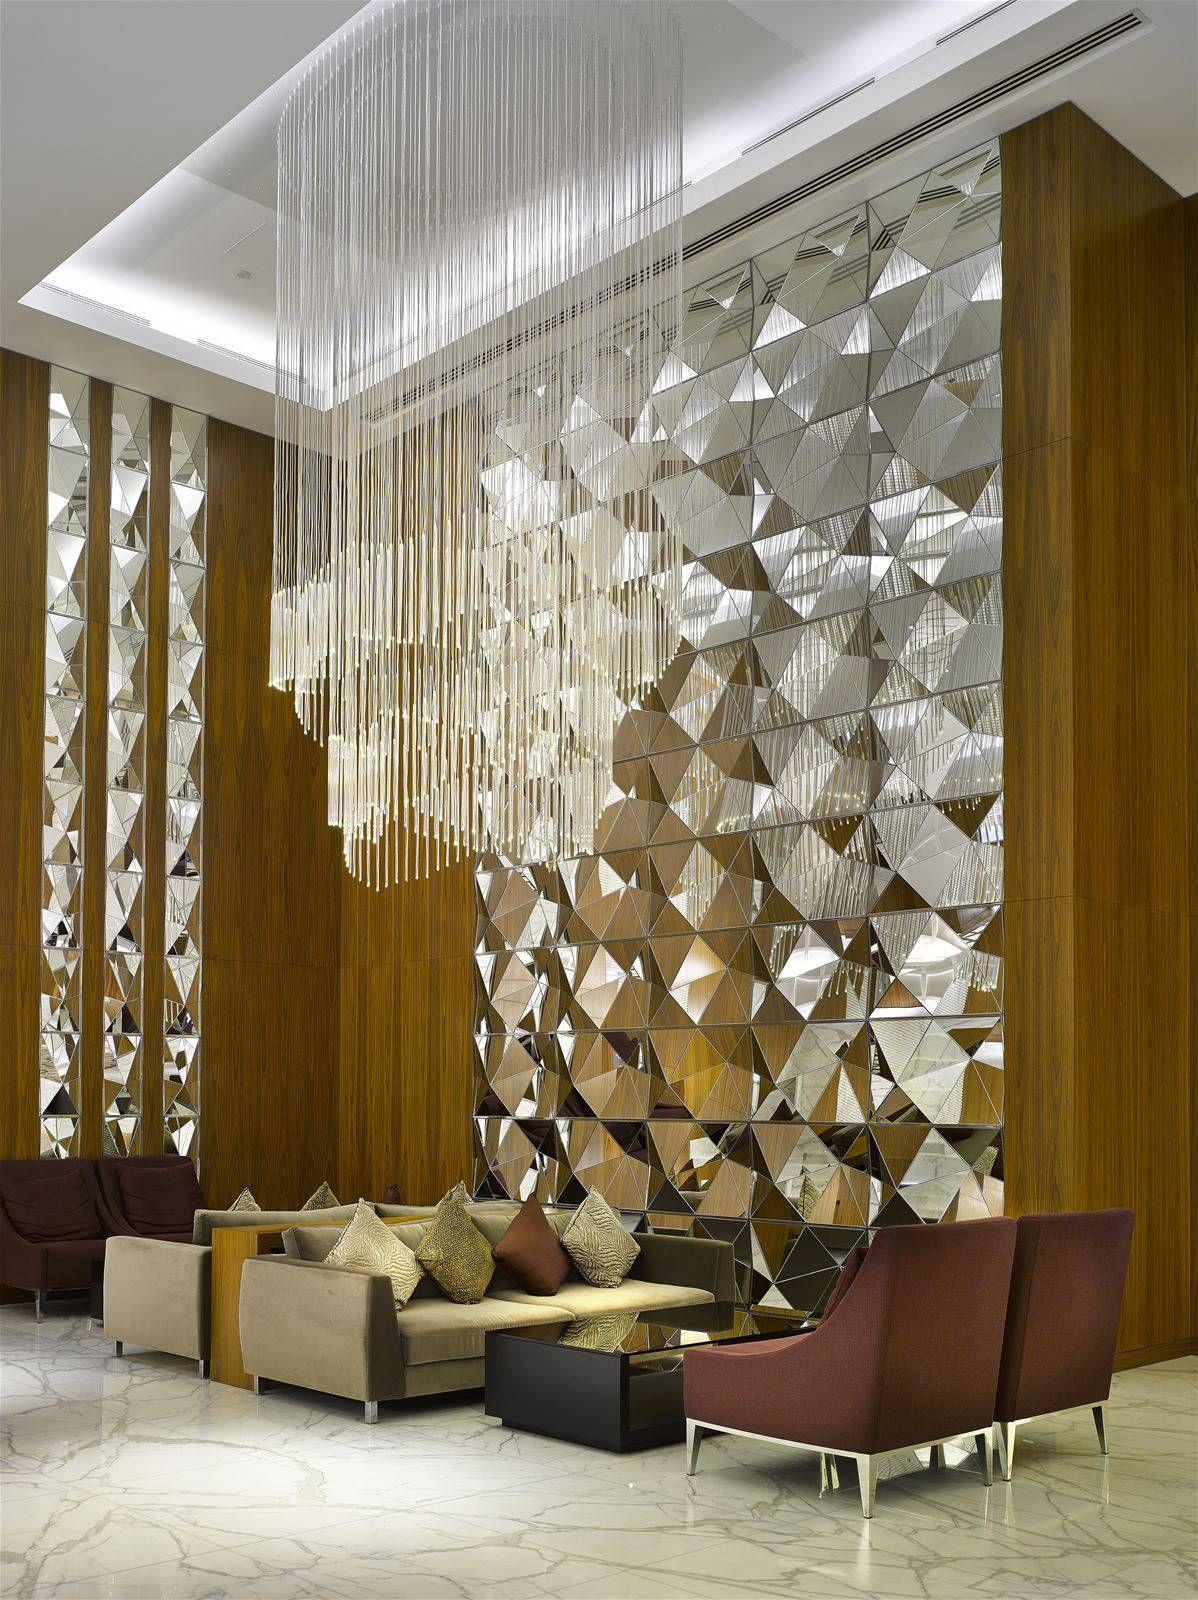 Sheraton Grand Hotel · Preciosa Lighting